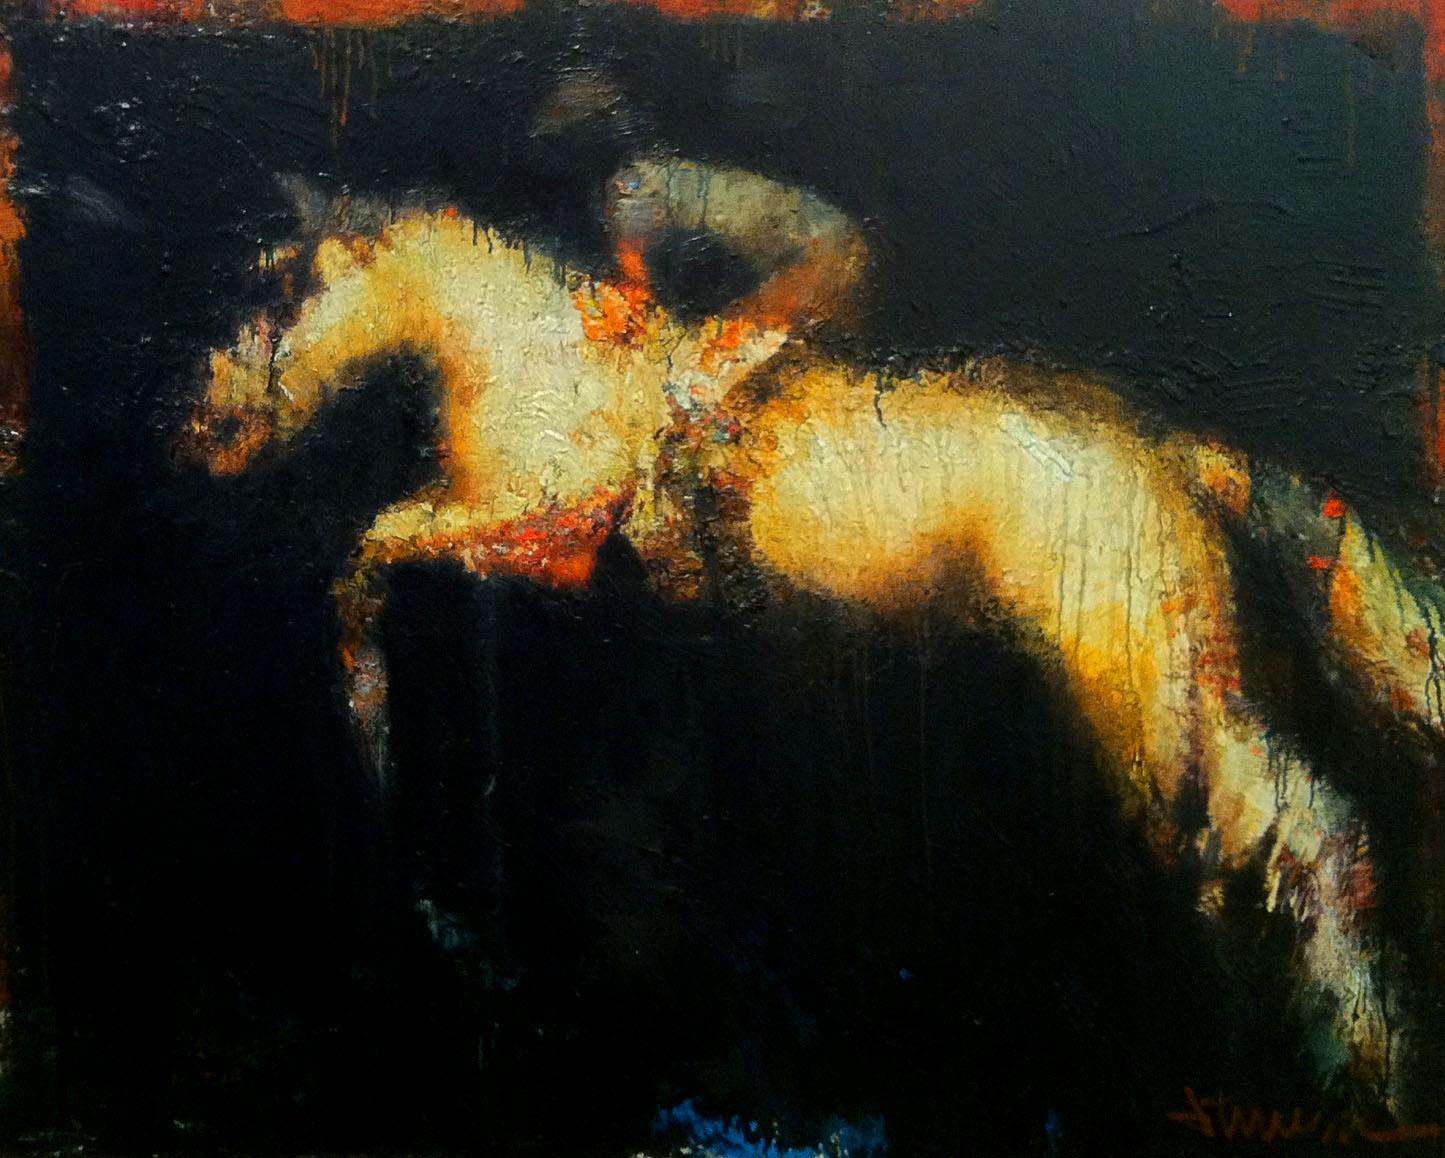 Night Jumper, 48x60